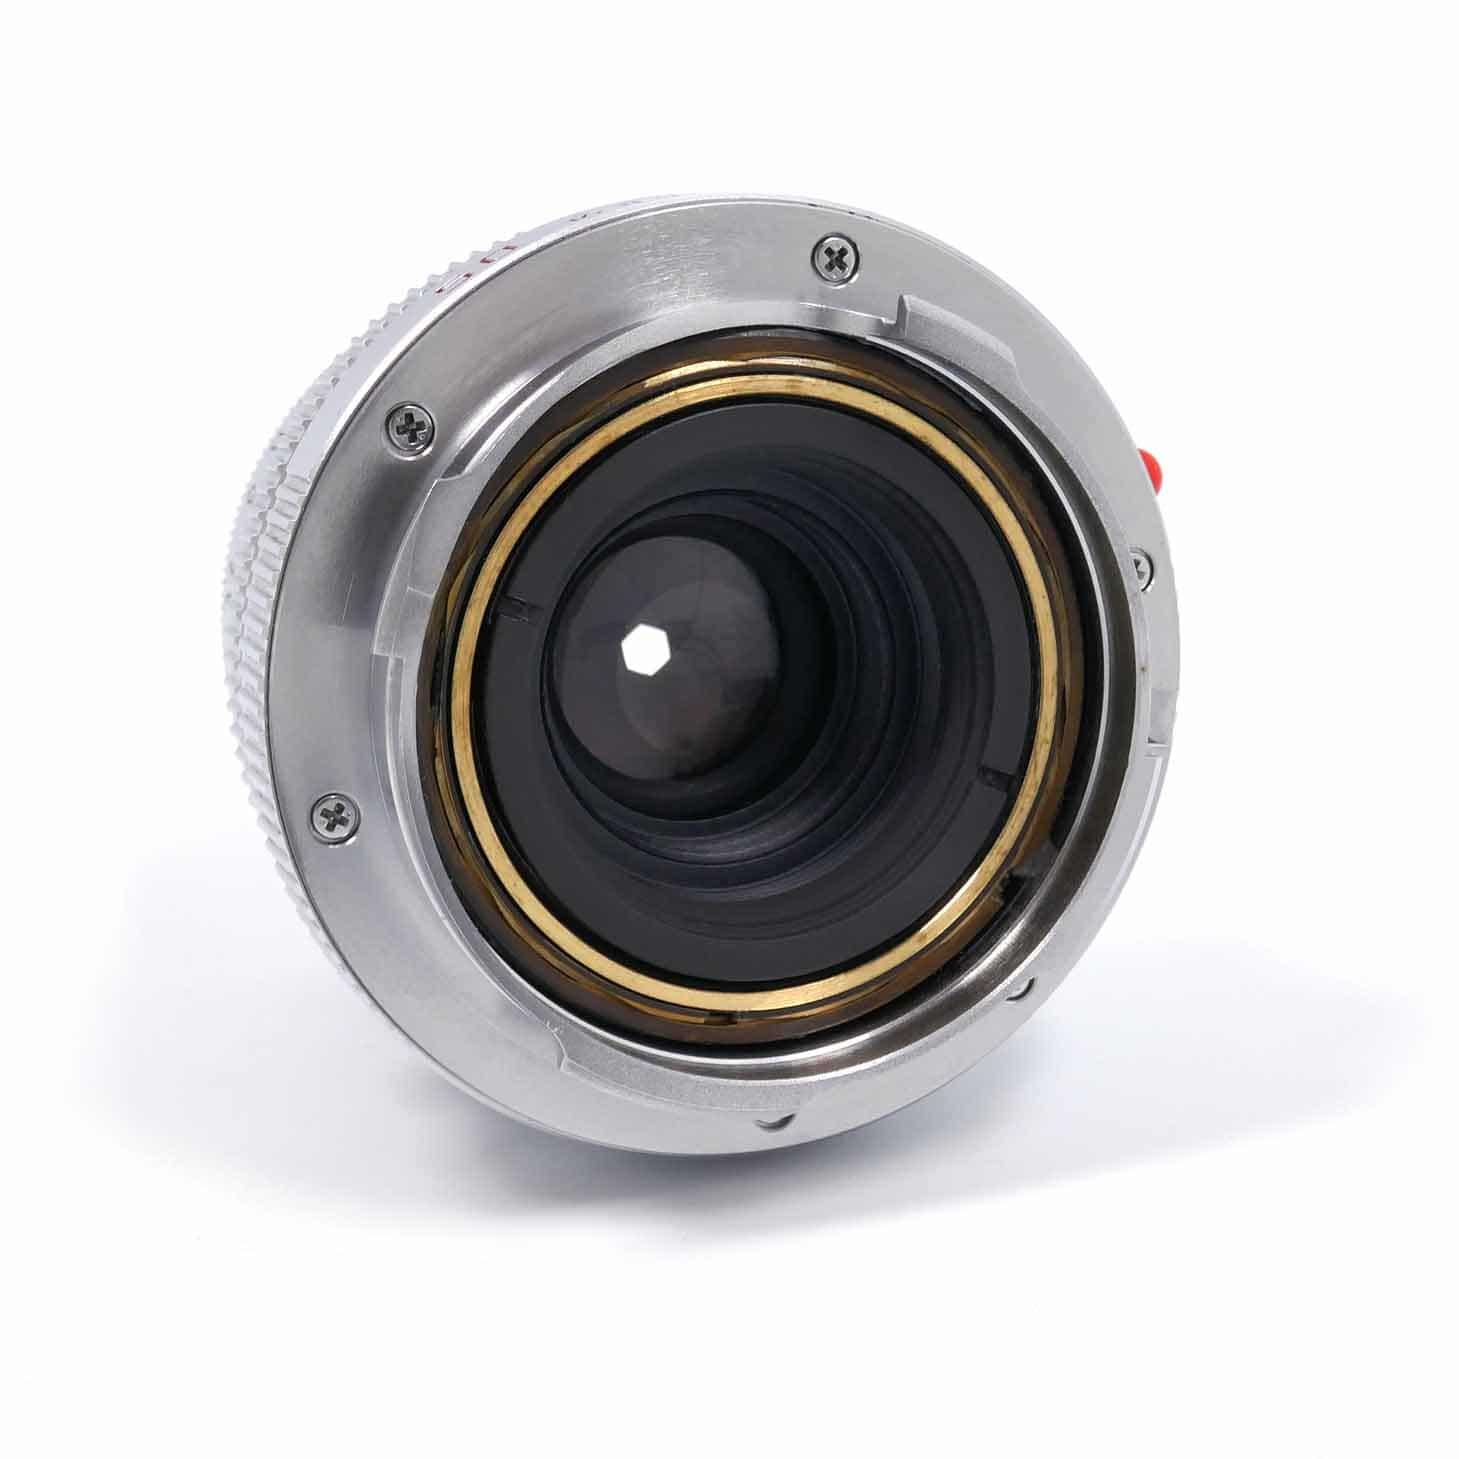 clean-cameras-Leica-Elmar-M-2.8_50mm-11823-02